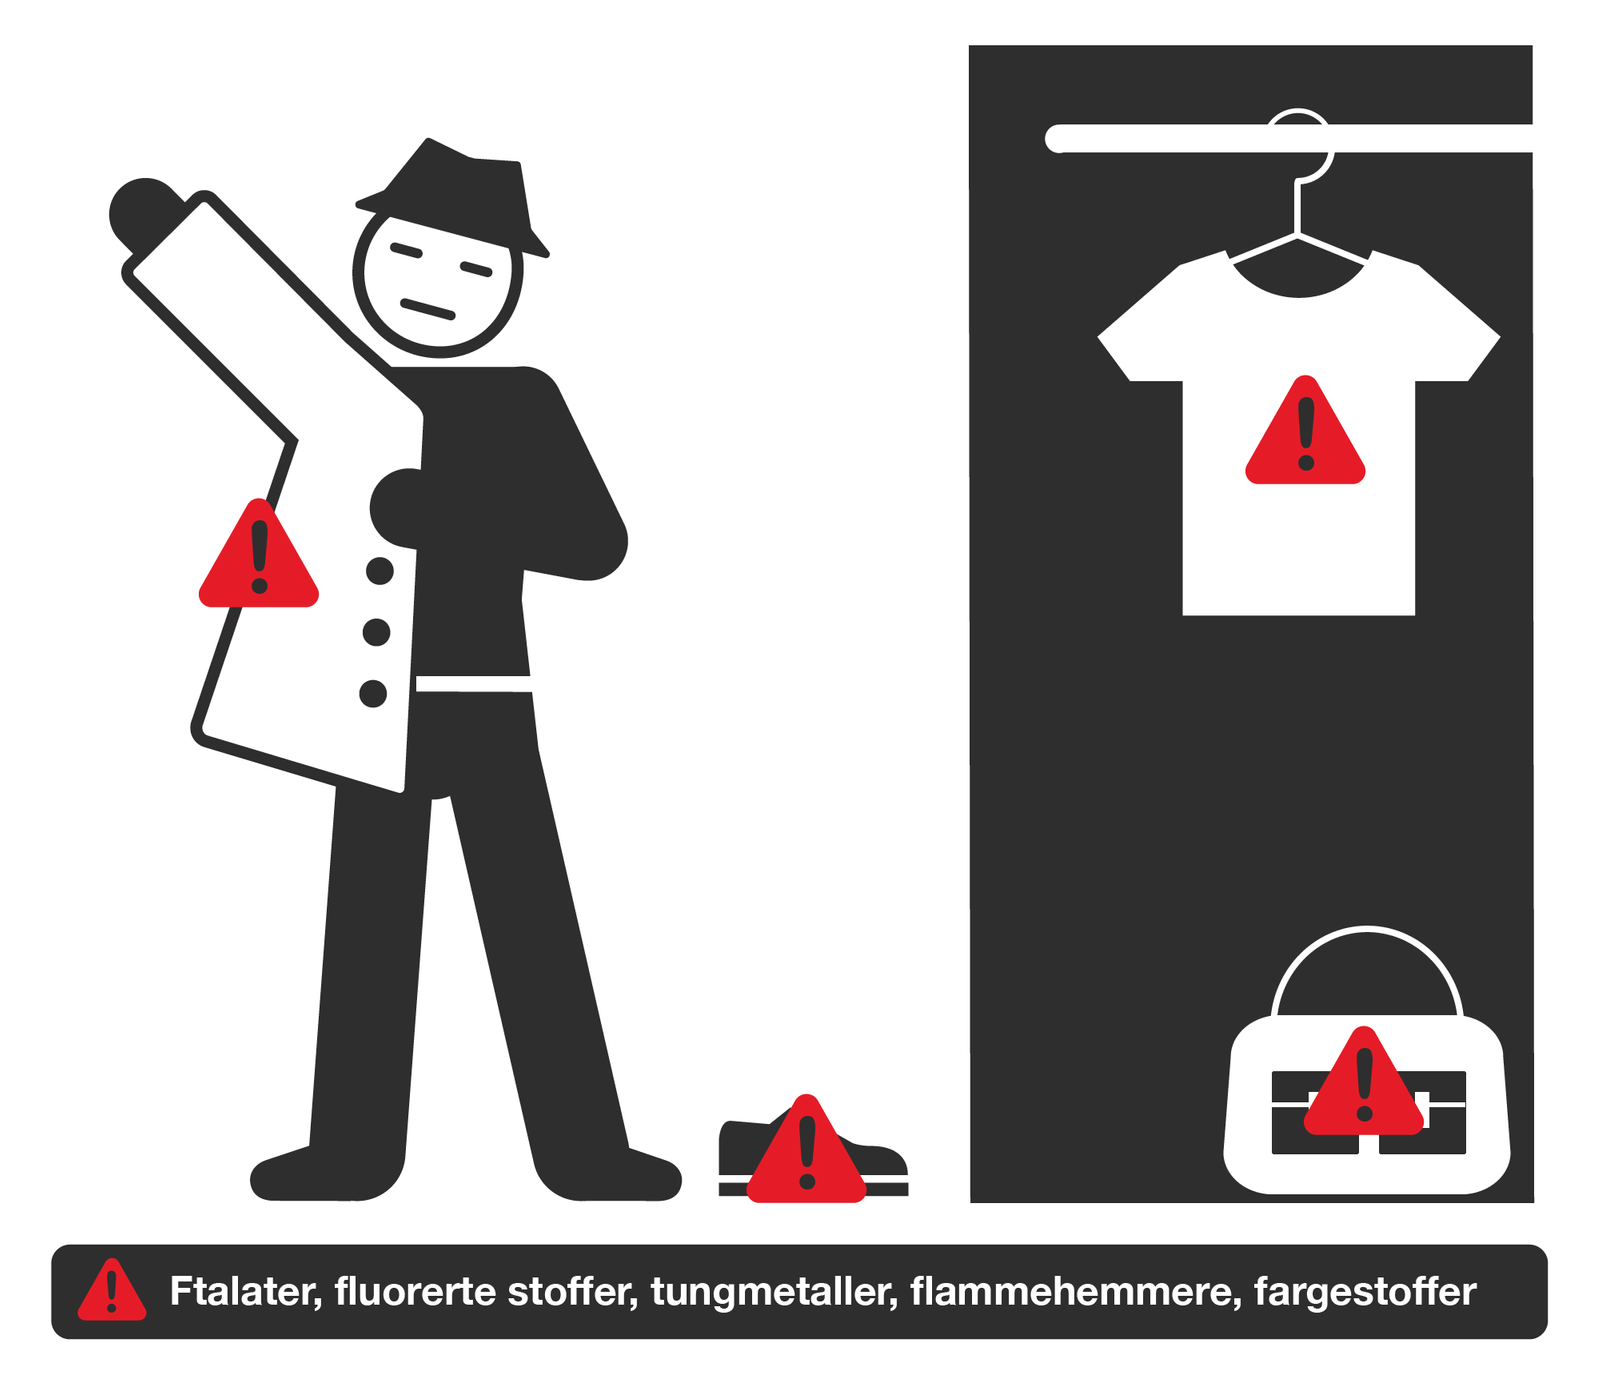 Klær kan inneholde ftalater, fluorerte stoffer, tungmetaller, fargestoffer og bromerte flammehemmere. Råd: Ikke bruk impregneringsmidler innendørs og vask nye klær før bruk.